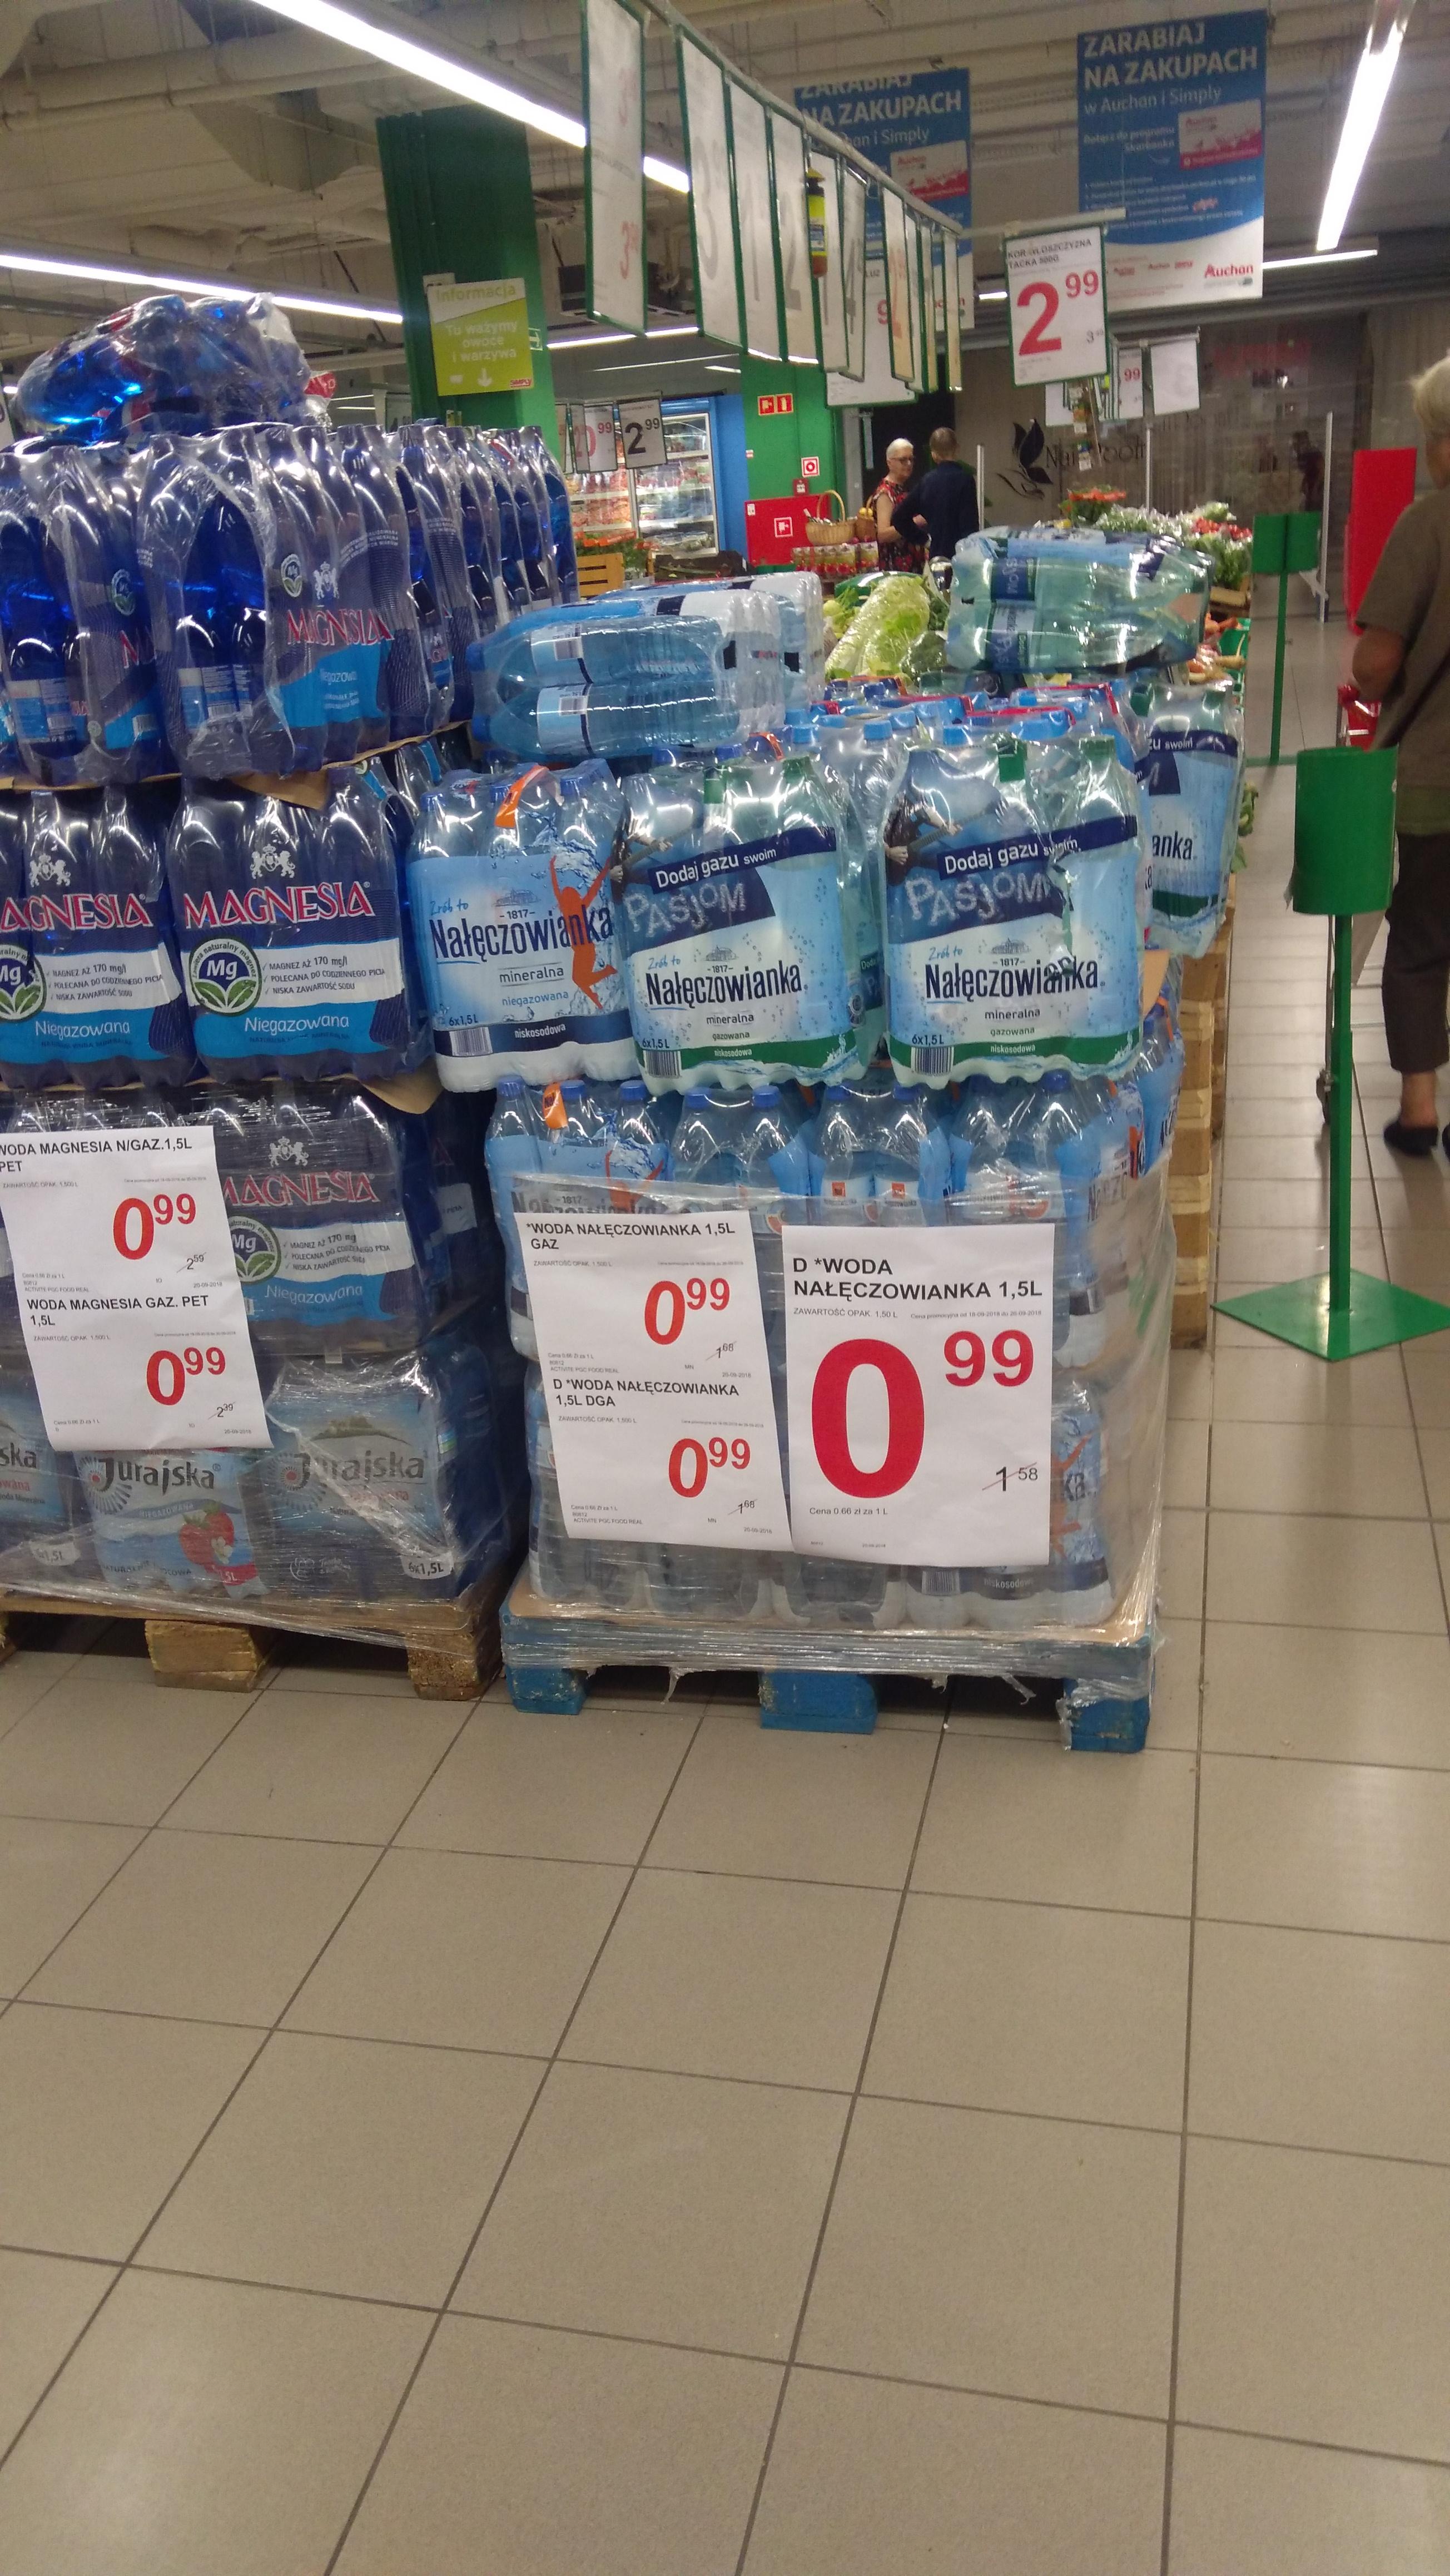 Simply Market: Nałęczowianka 1,5 l